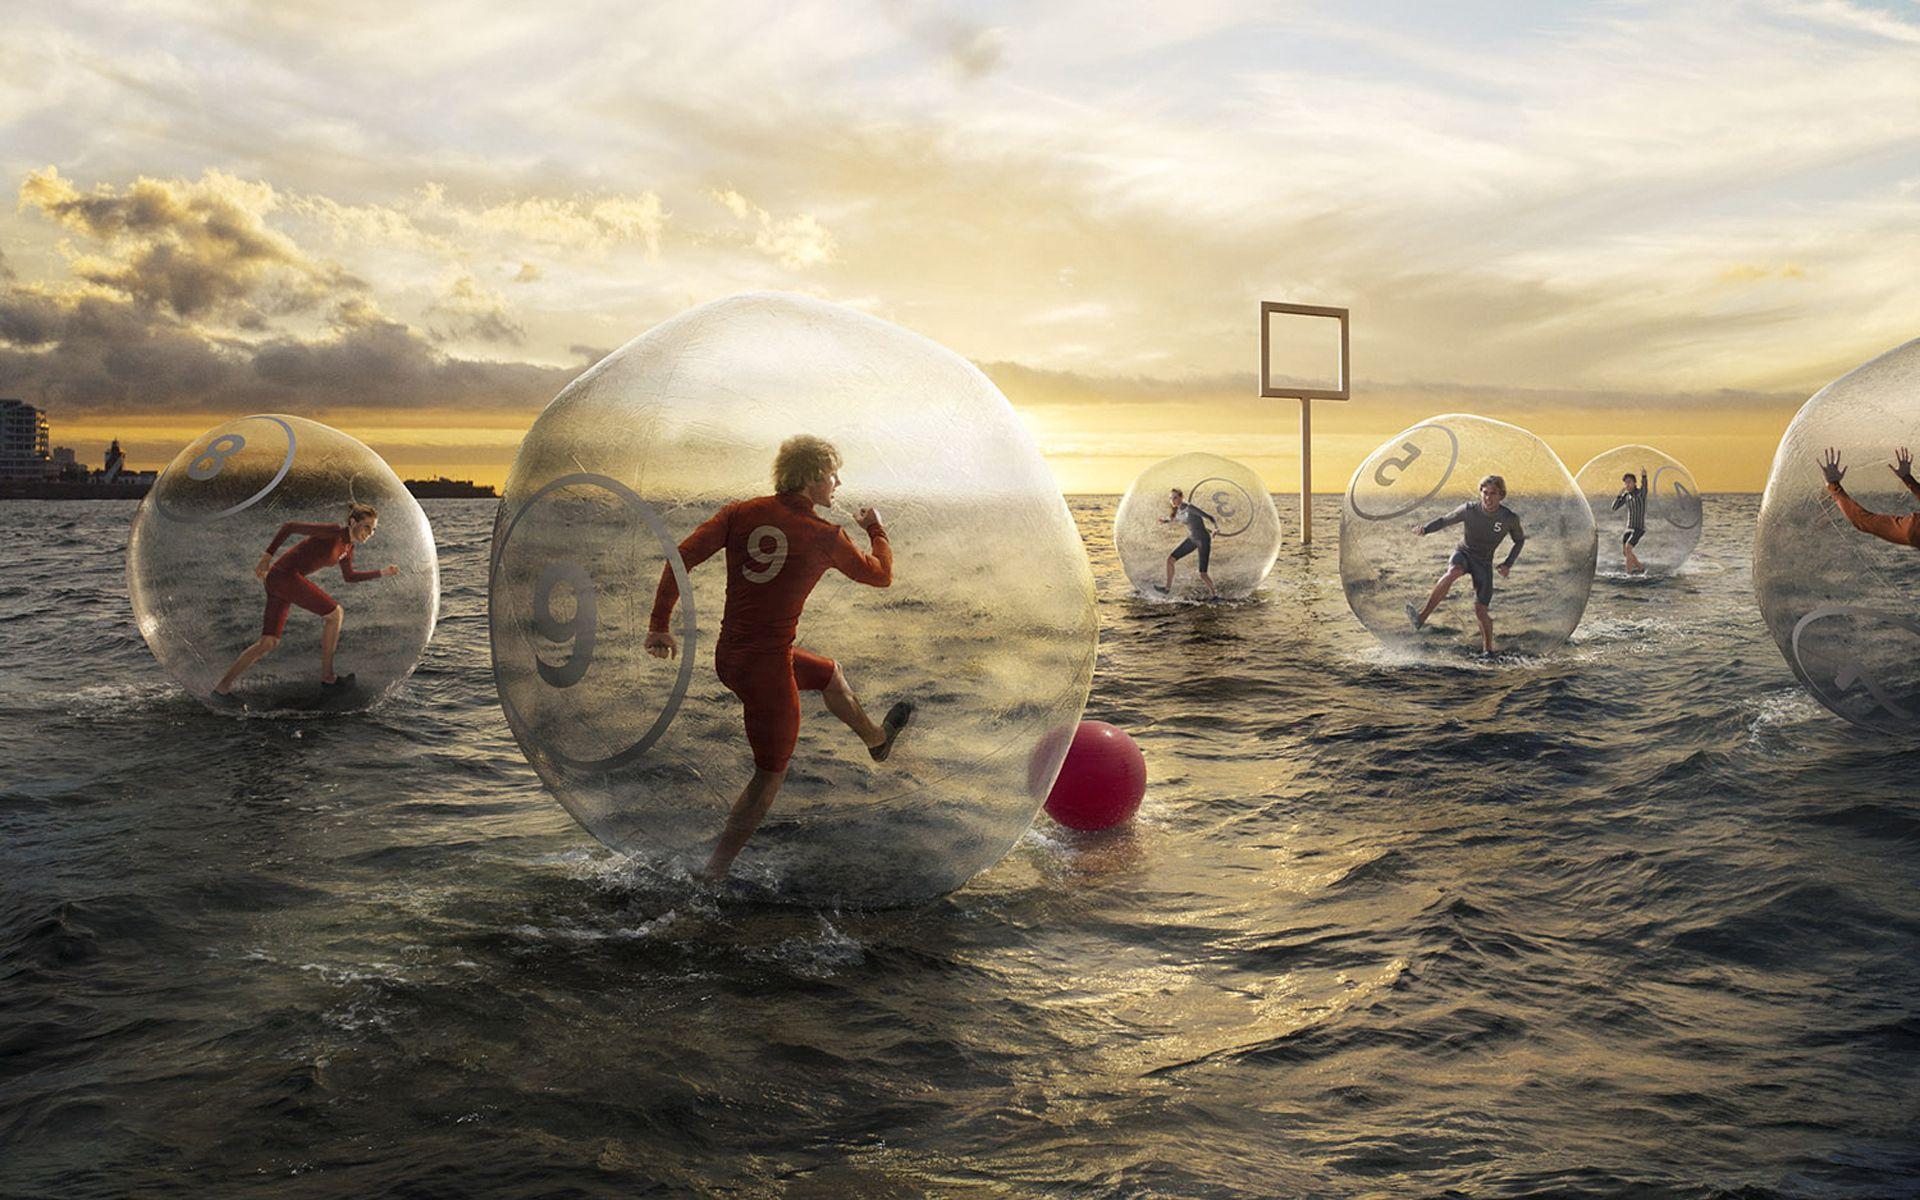 130481 скачать обои Спорт, Футбол, Вода, Шар, Мяч, Небо, Люди - заставки и картинки бесплатно